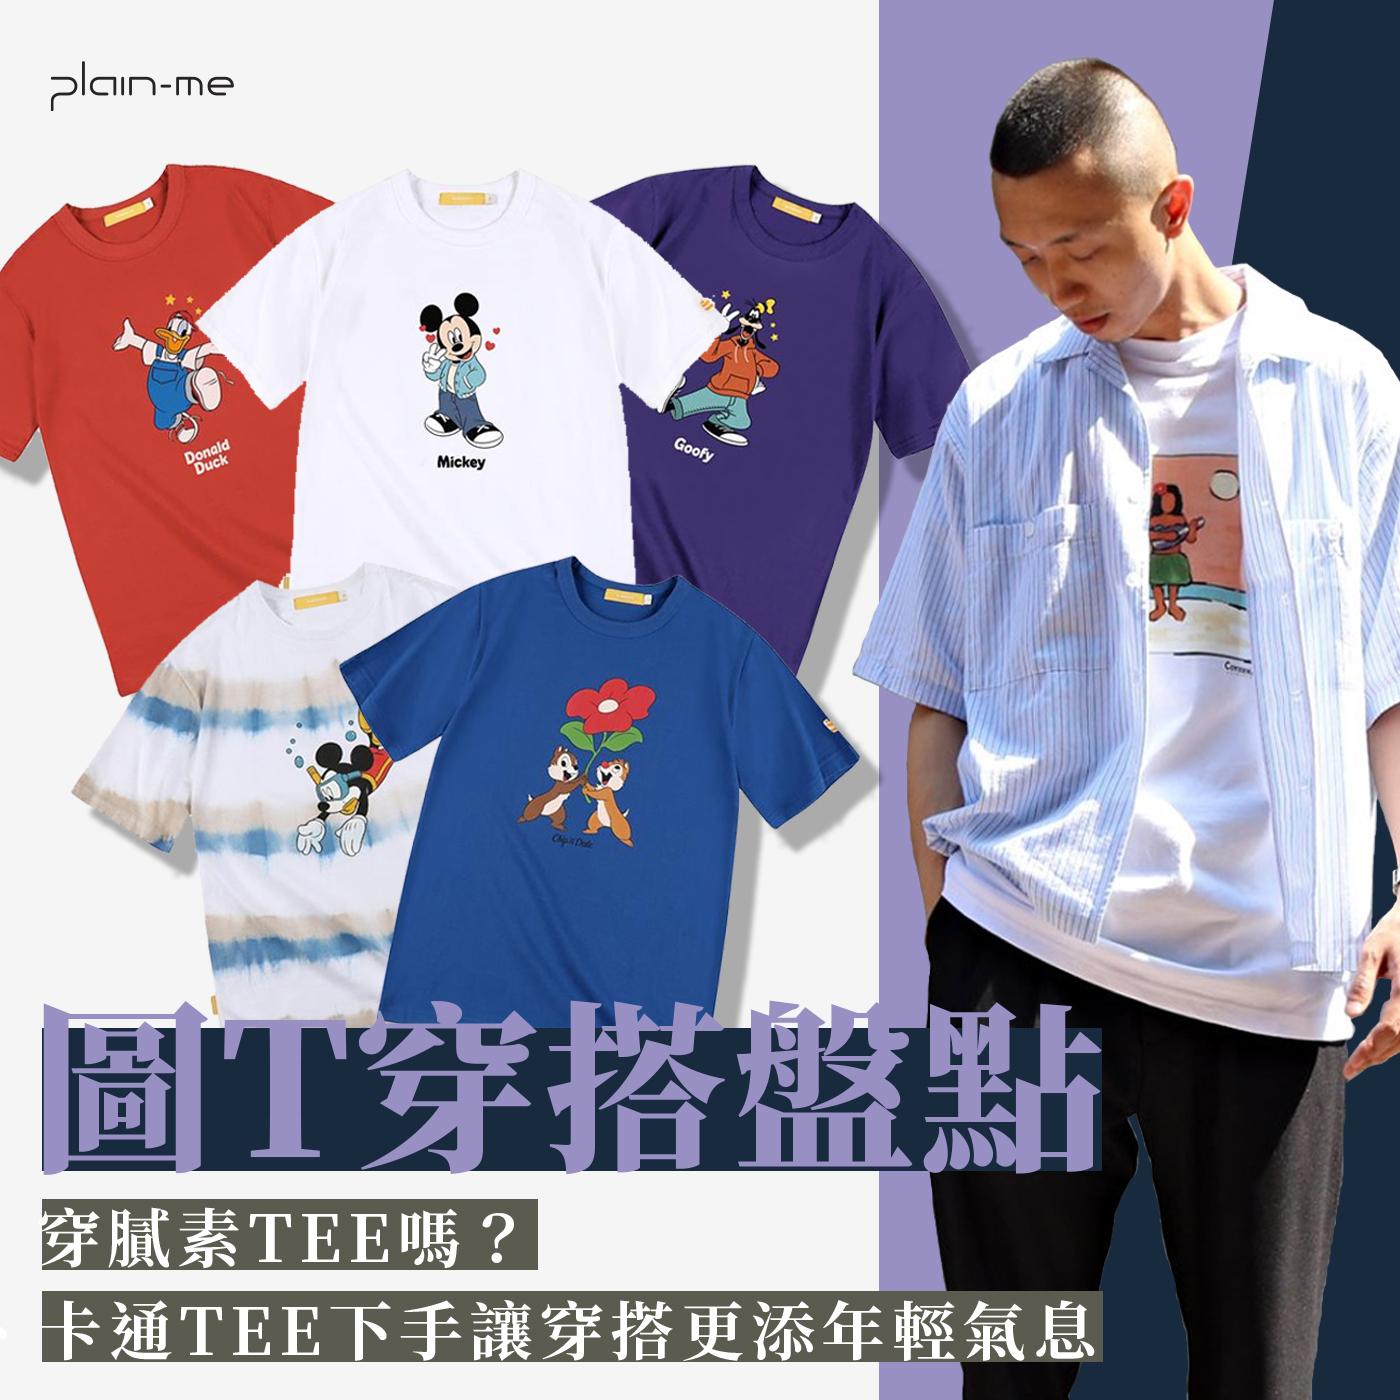 卡通t,卡通t shirt,卡通t恤穿搭,t恤,t恤穿搭,圖t,圖t 穿搭,t恤,t-shirt 穿搭